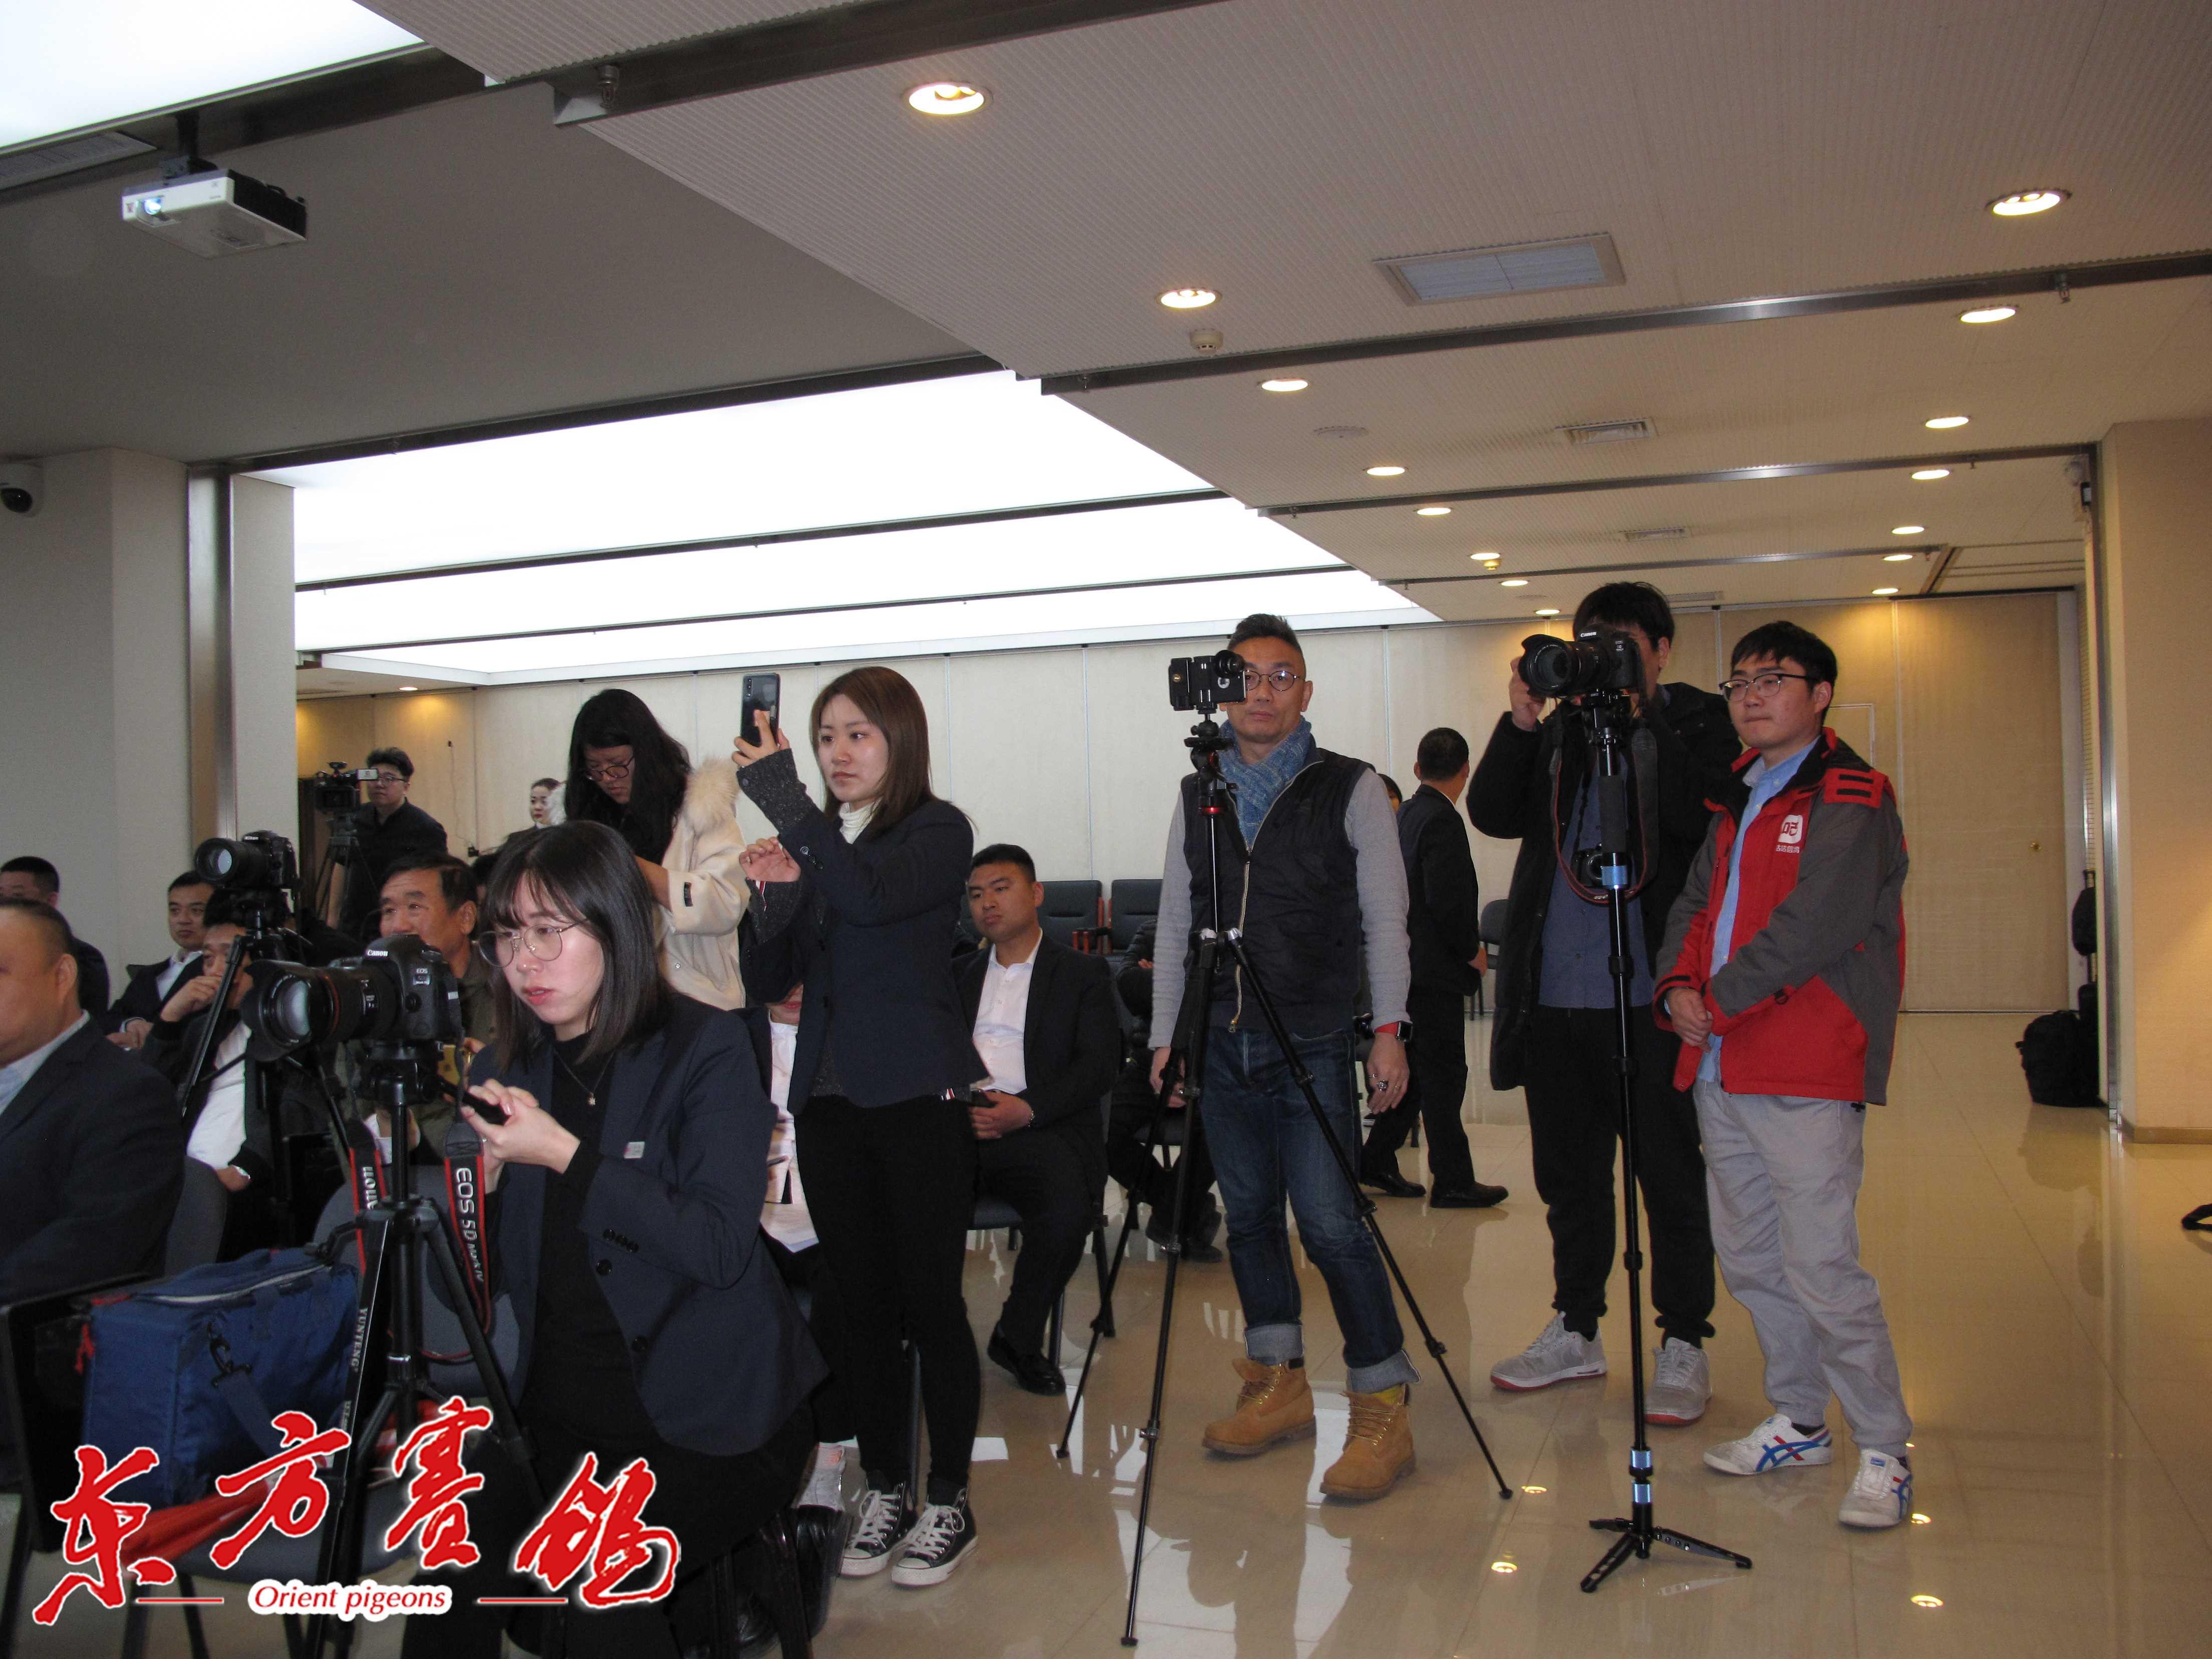 28、十多家媒体在进行现场直播和采集资讯工作。